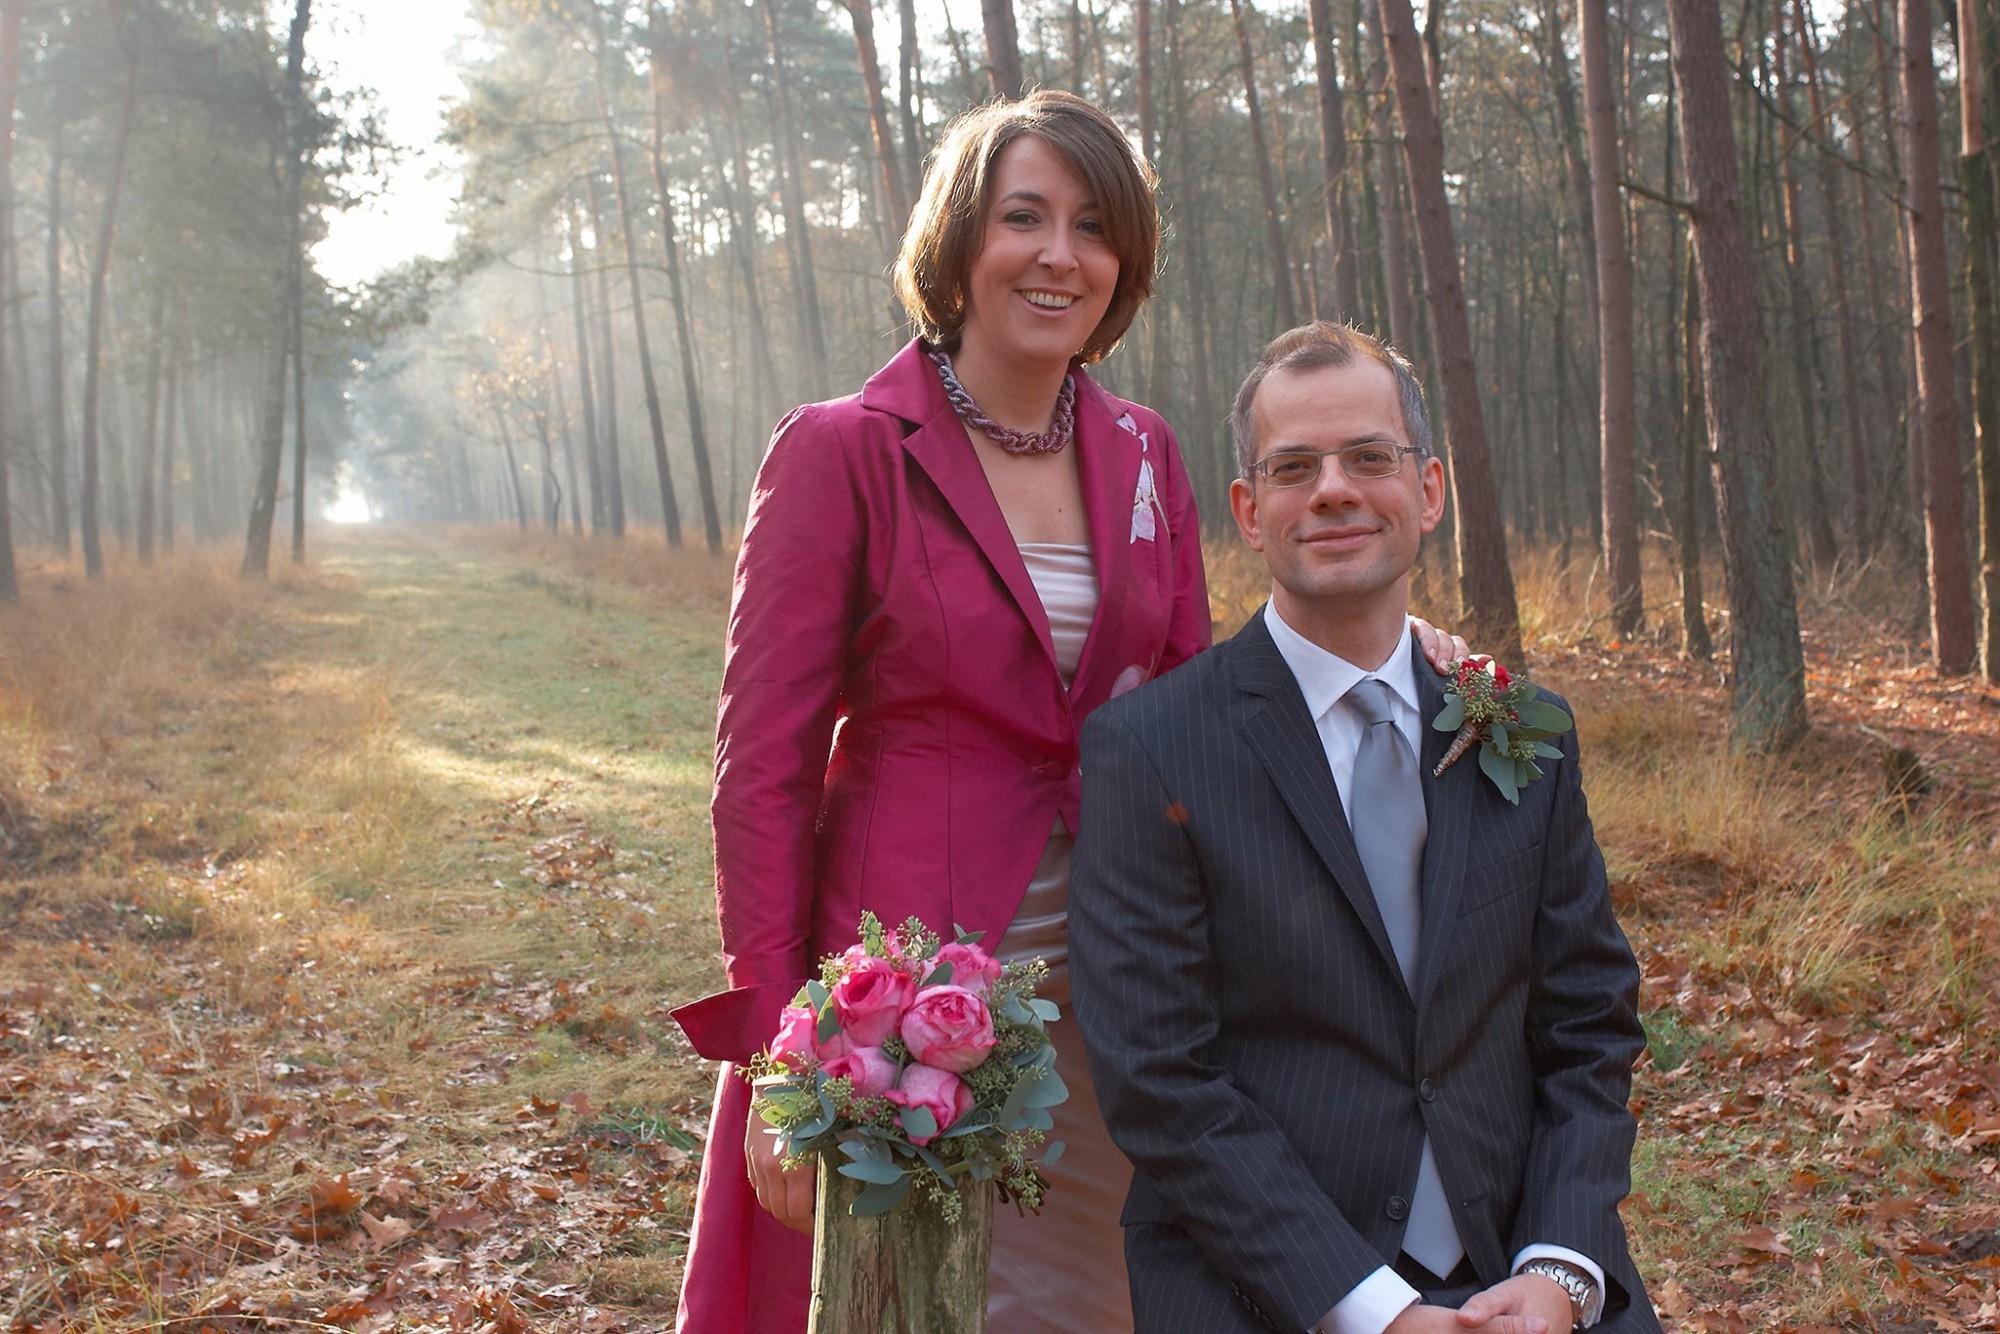 Afbeelding: Huwelijksreportages met stijl, voor een blijvende herinnering, foto Van Huffel, het paar in het mooie herfstlicht.